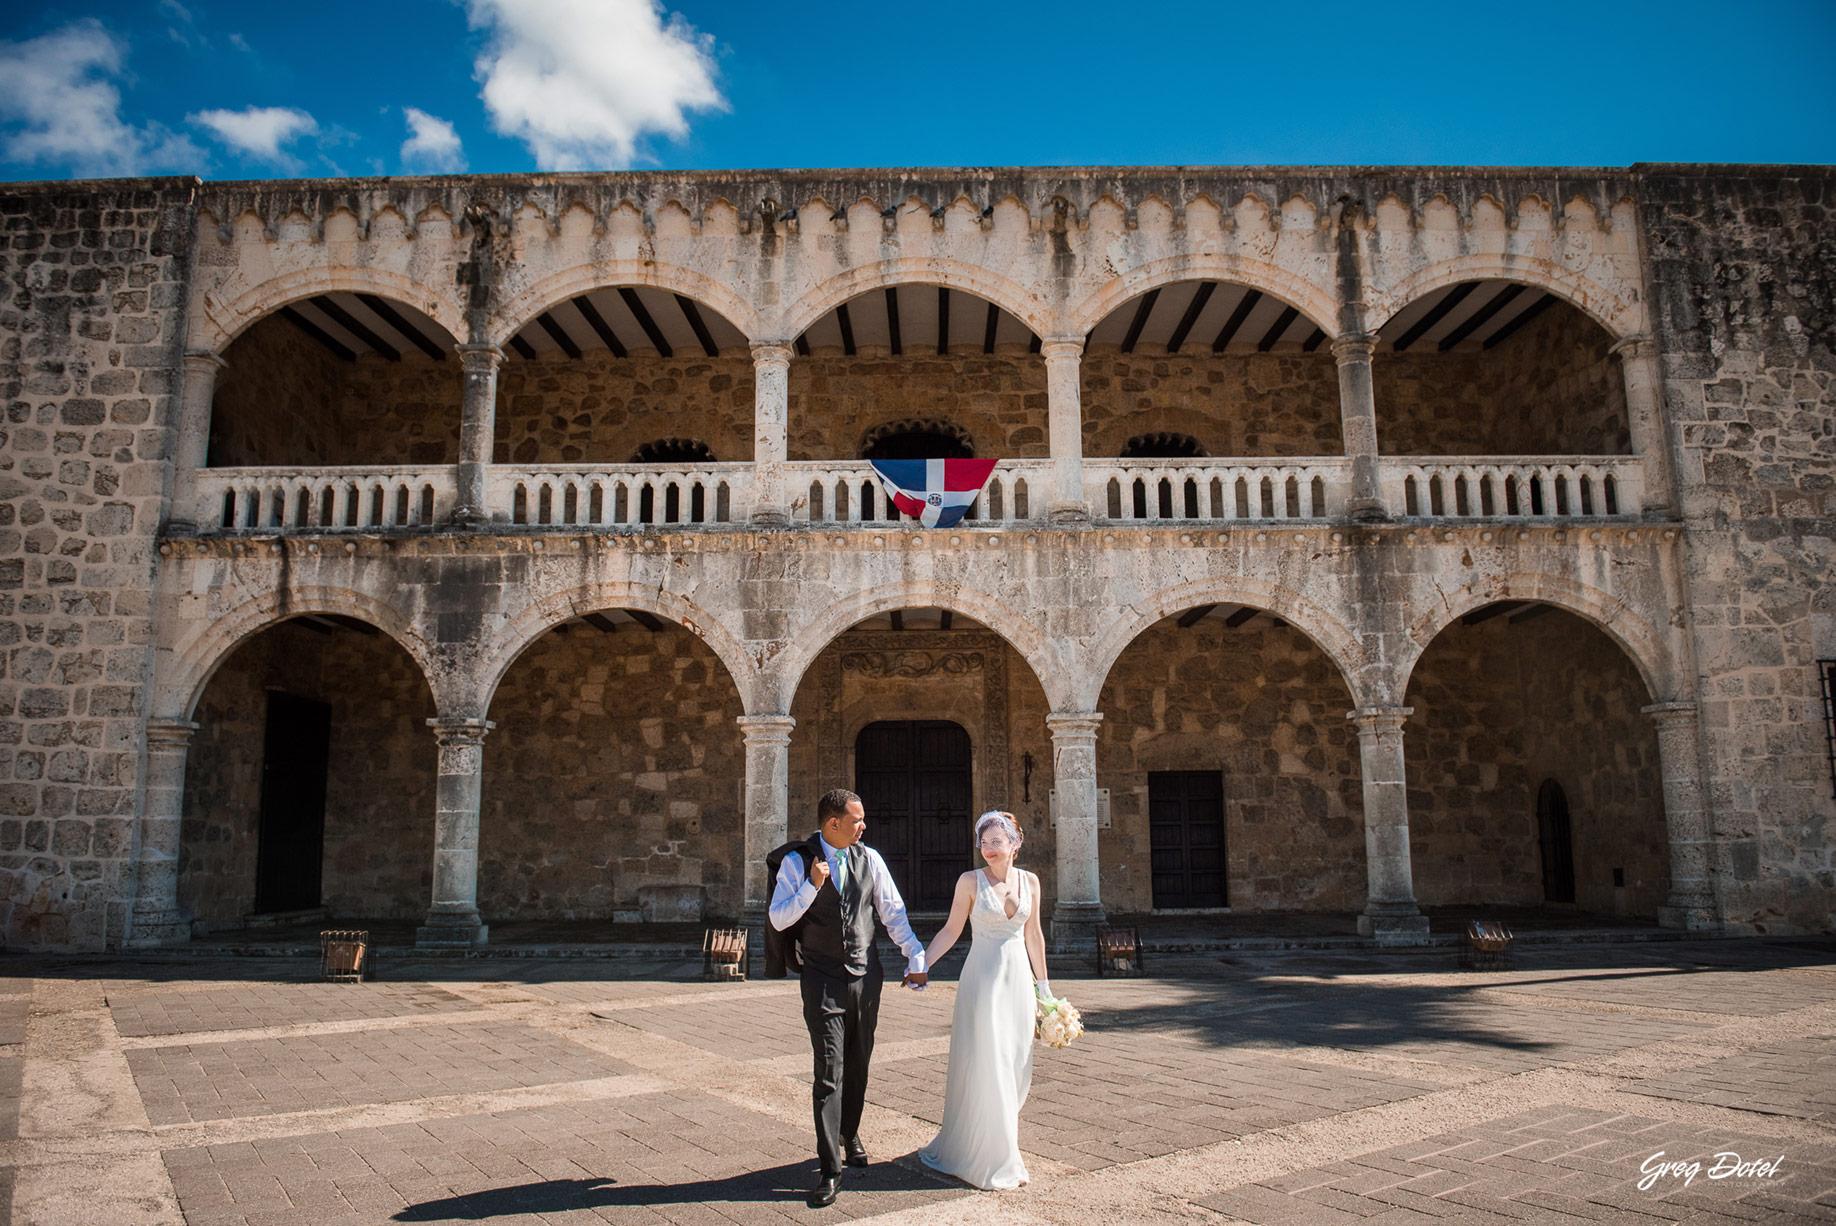 Sesion de fotos en el Alcazar de Colon de Santo Domingo, República Dominicana